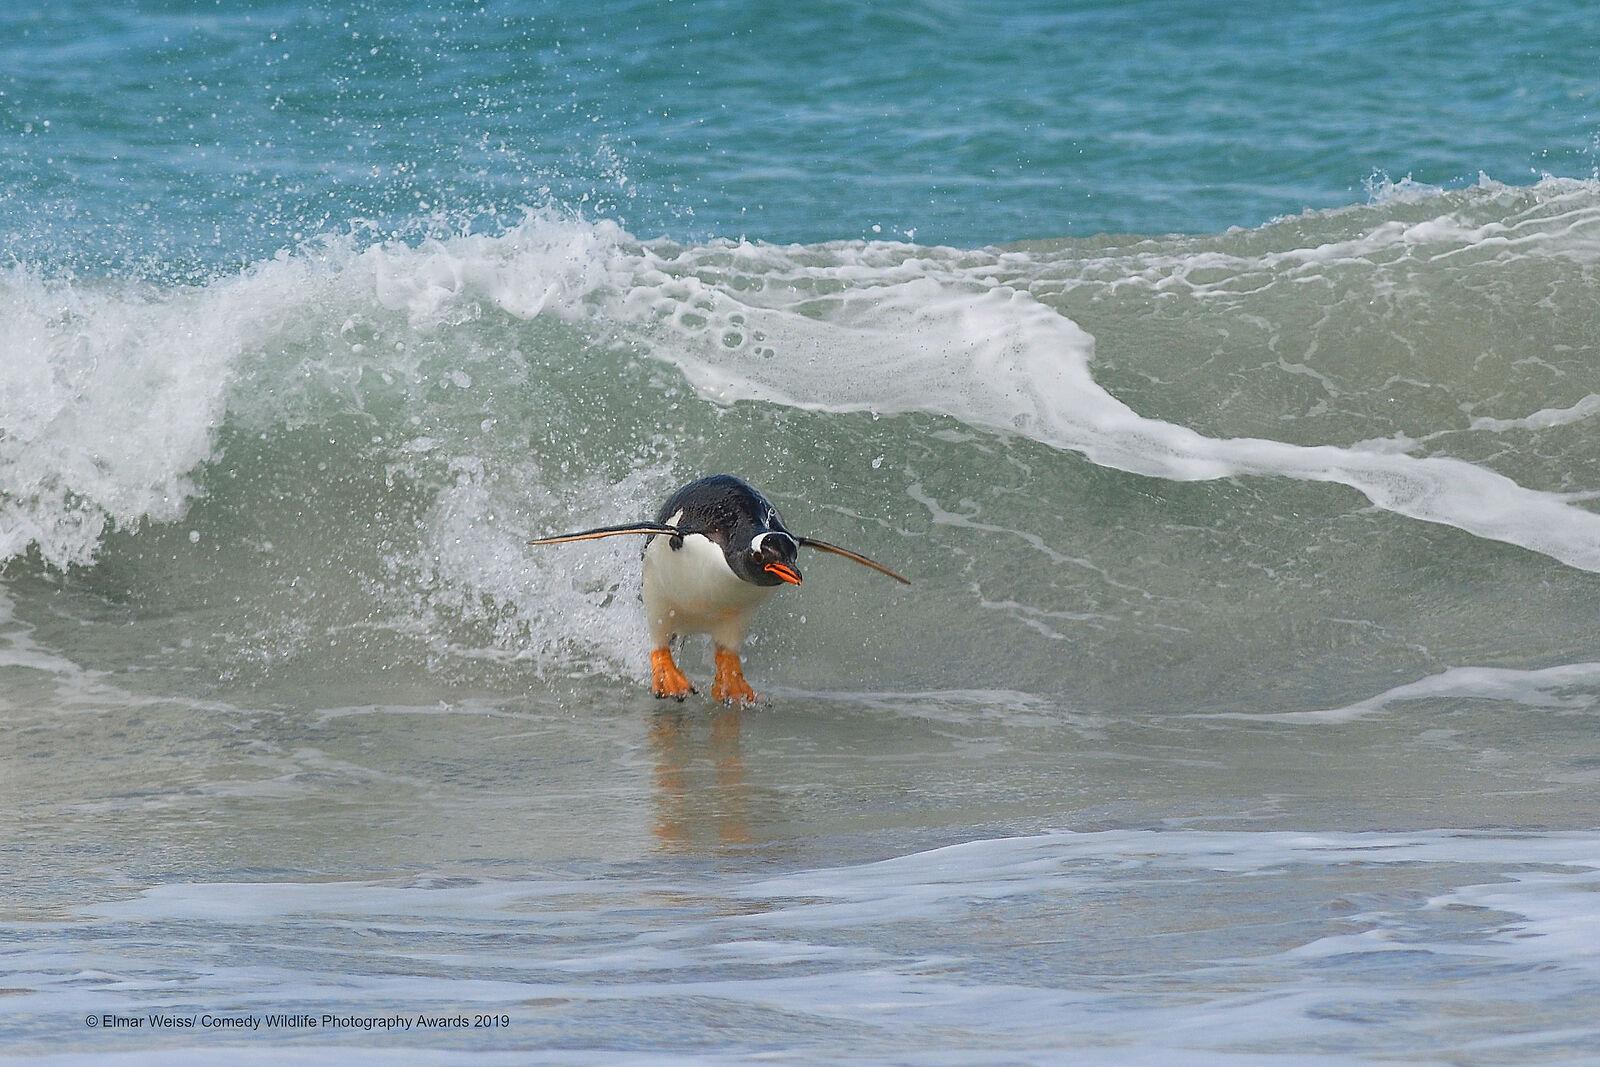 «Сёрфинг. Южноатлантический стиль». Фотограф Elmar Weiss